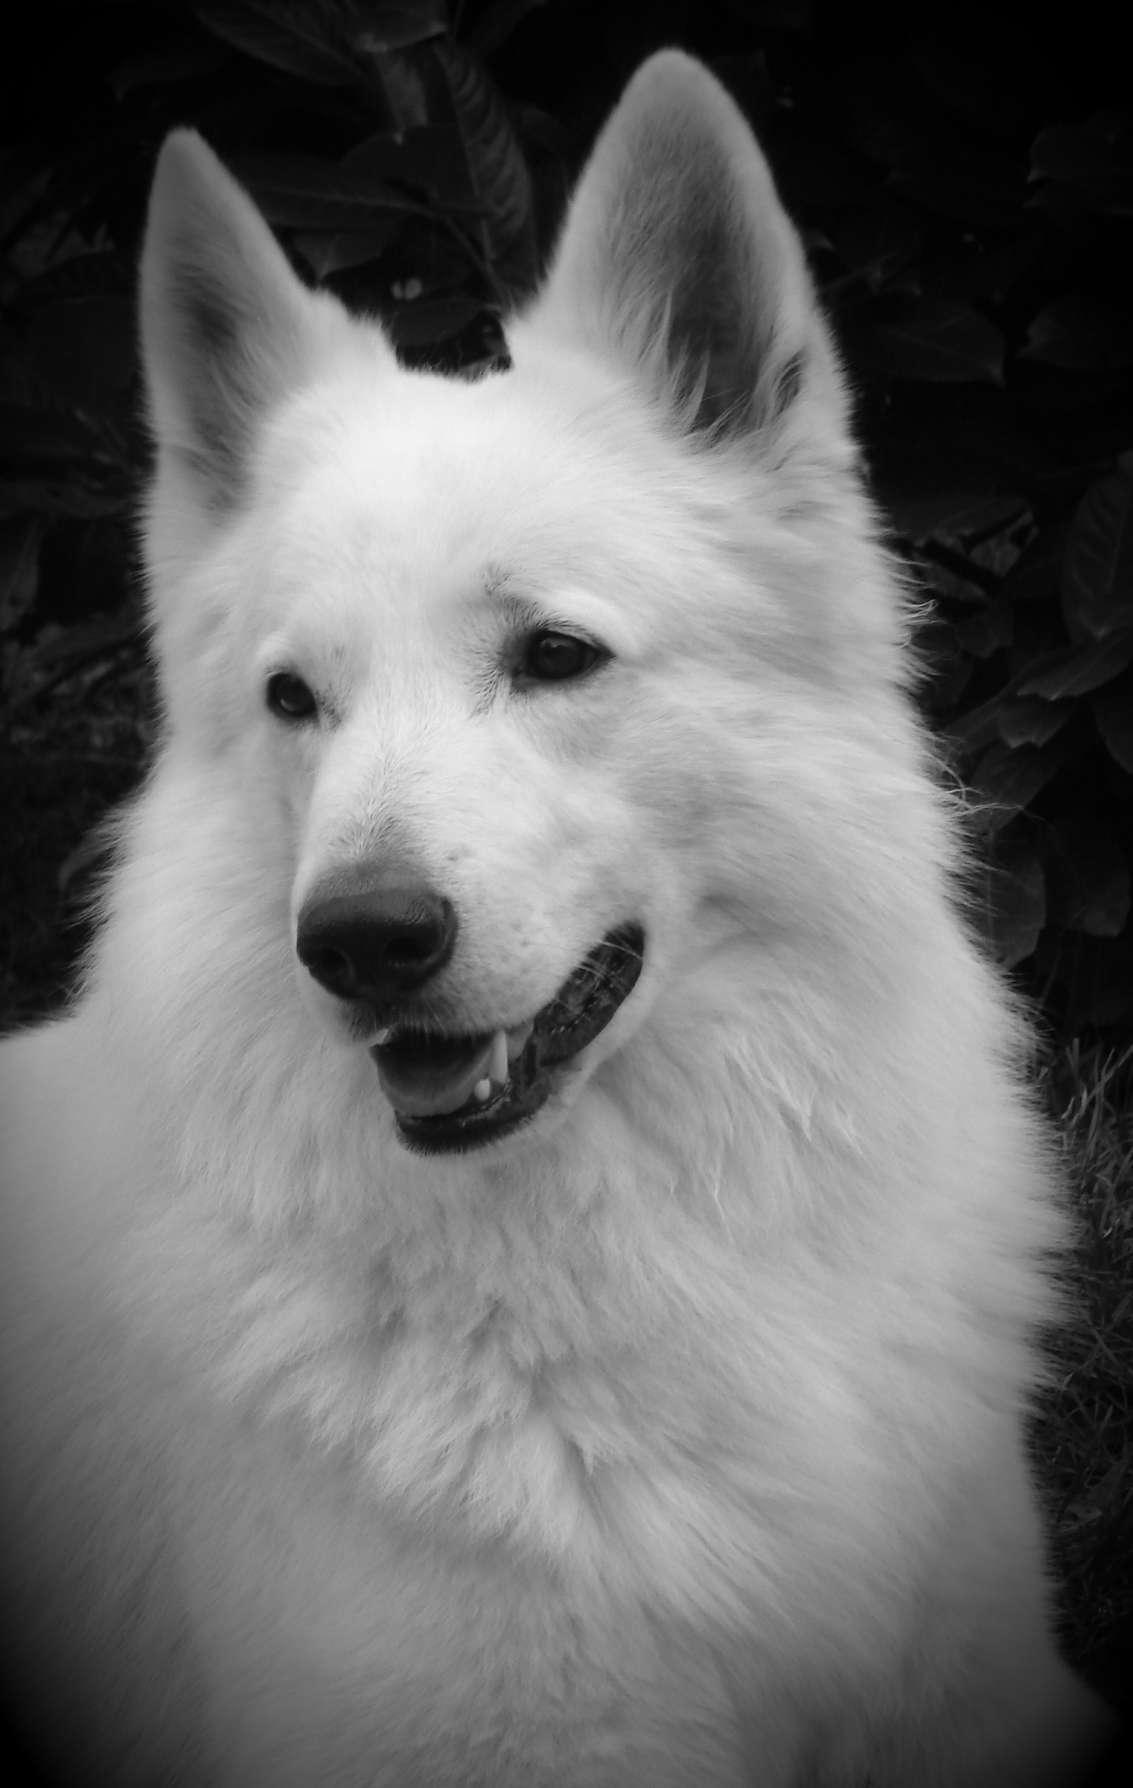 Le chien 2007 - 5 2